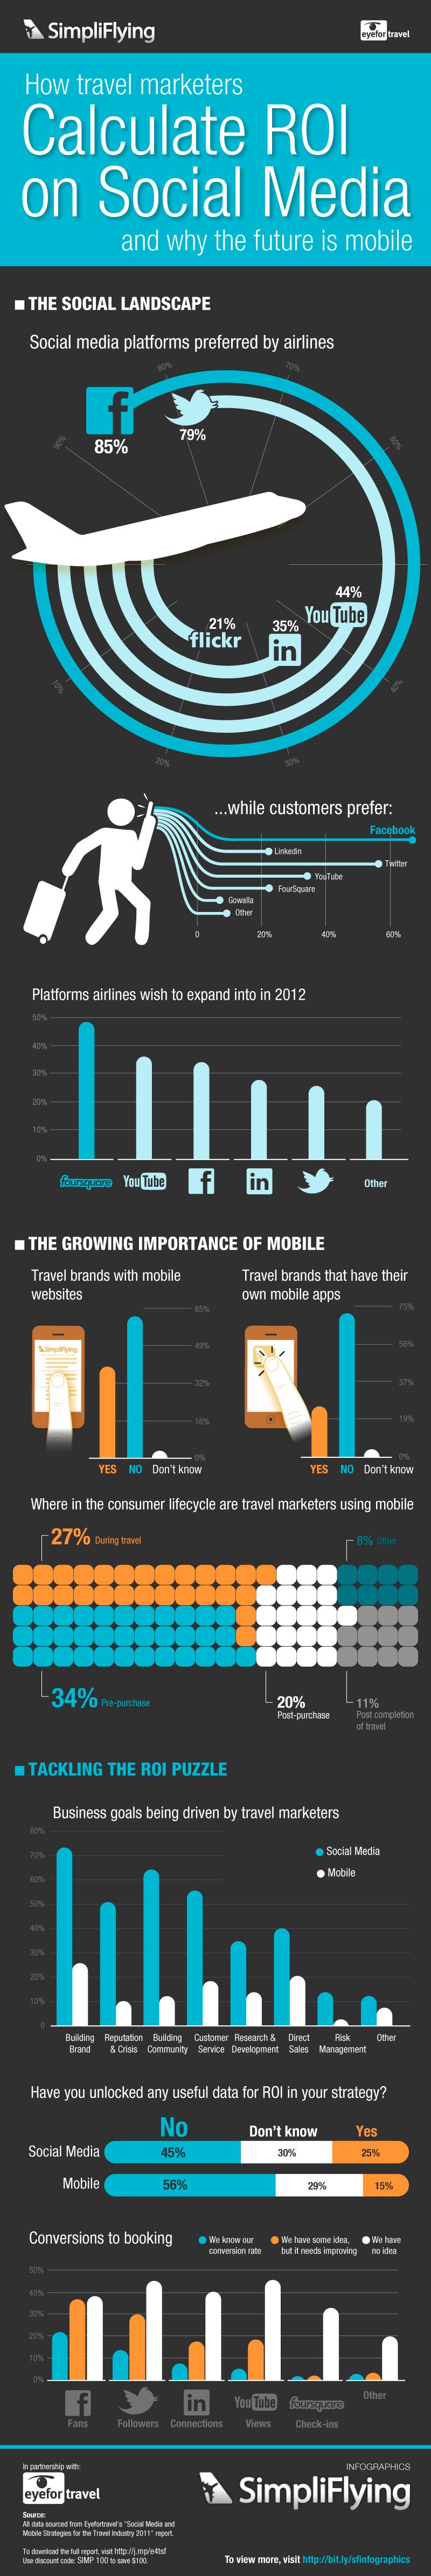 Cálculo del ROI del Social Media por el marketing turístico